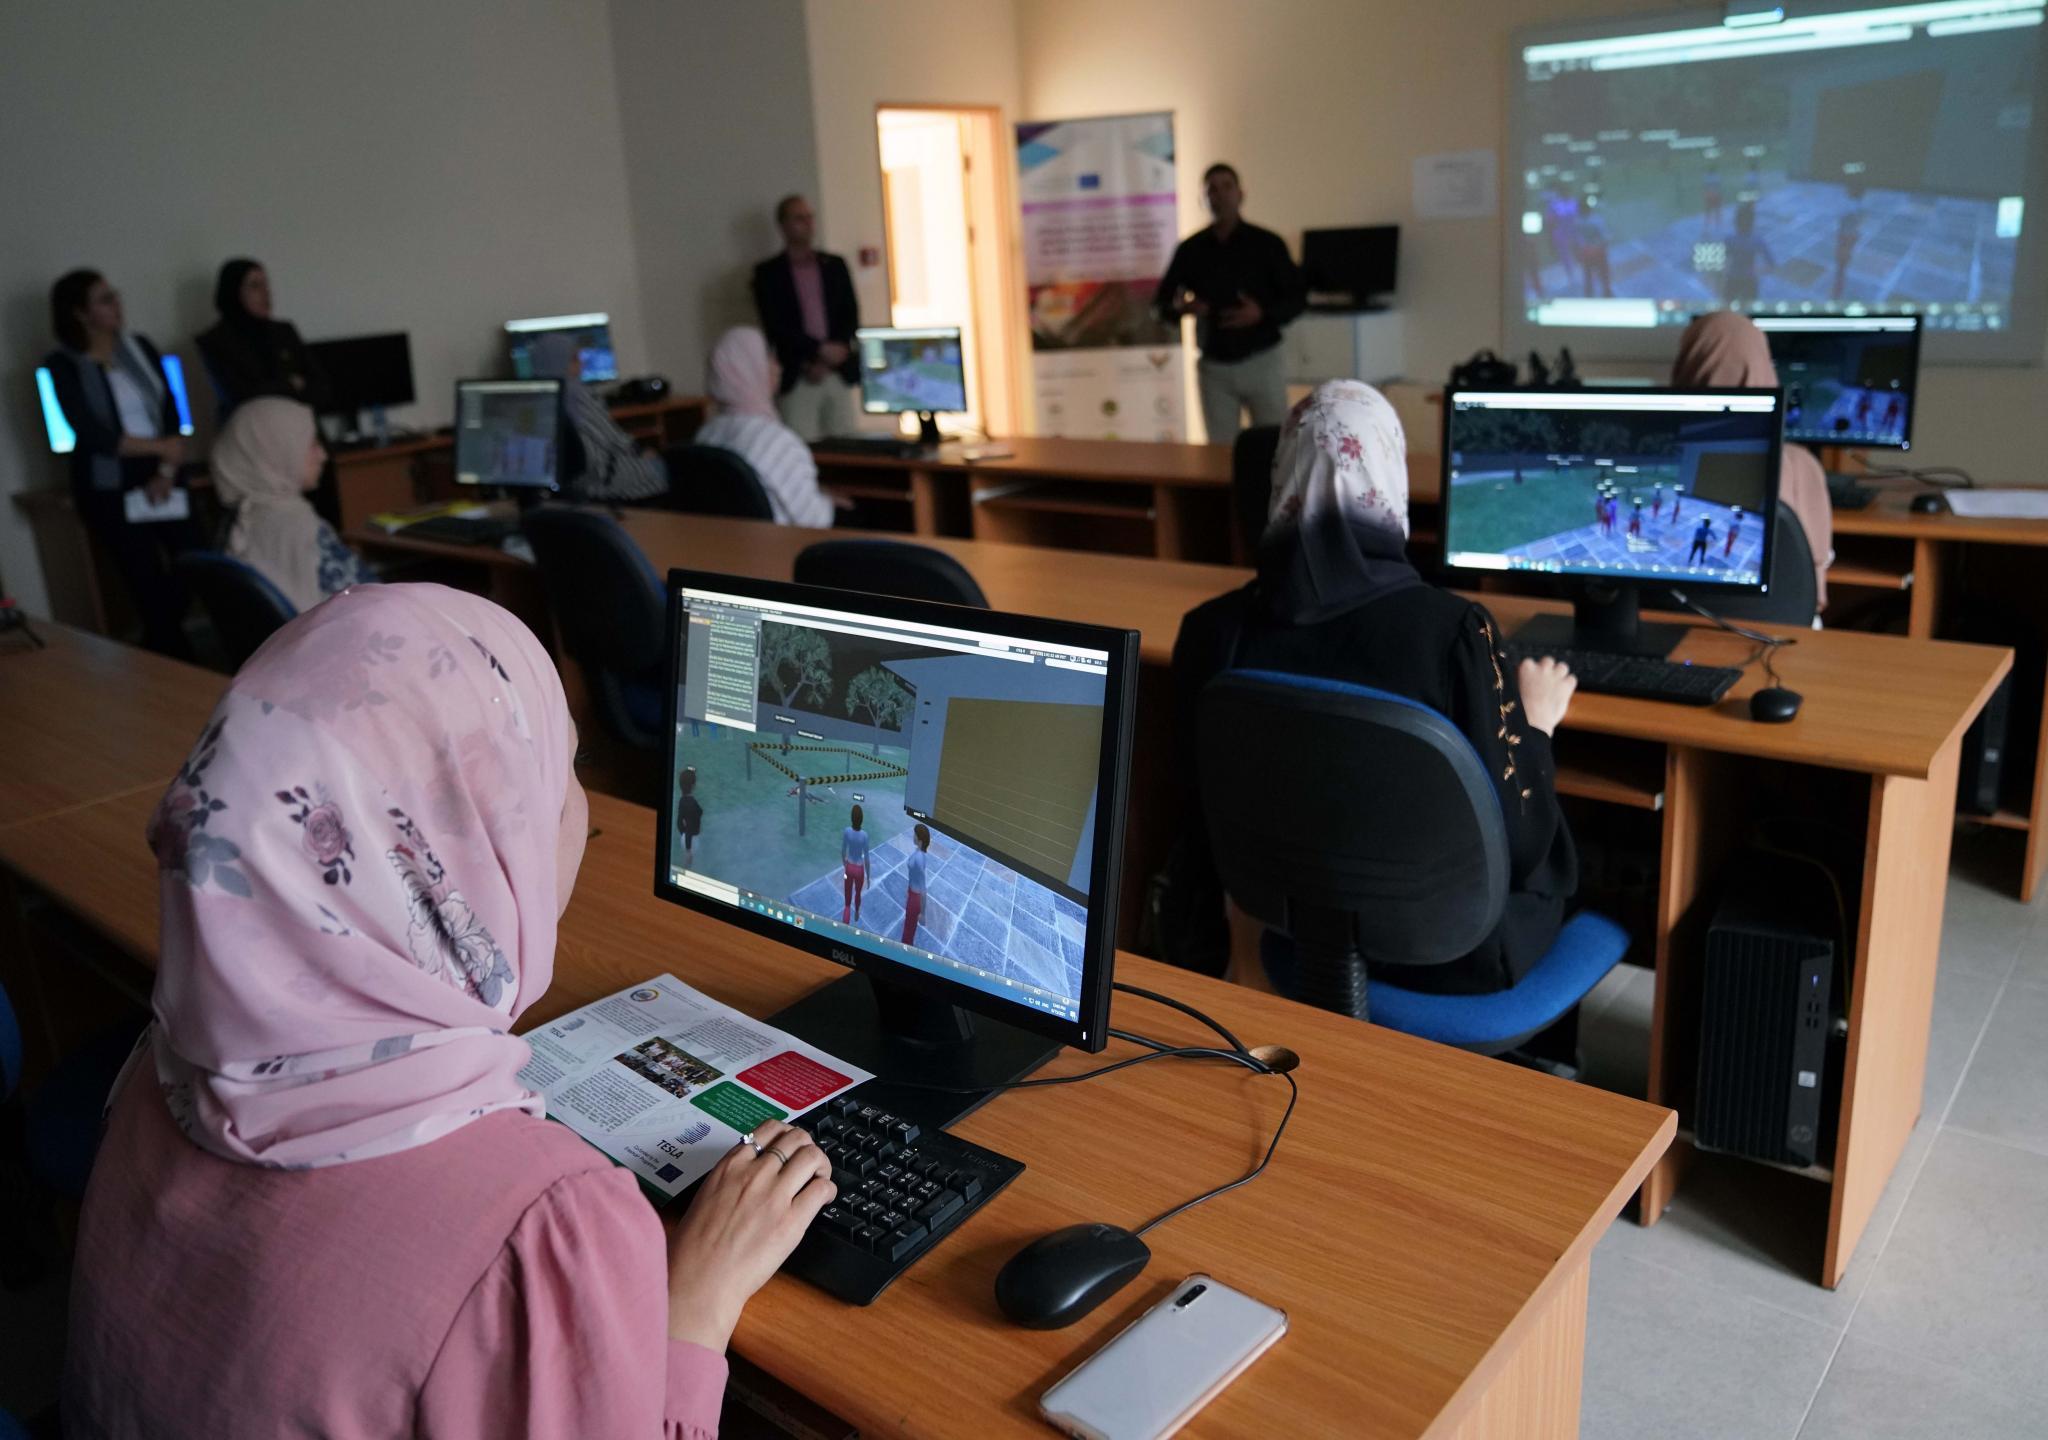 الجامعة تحتفل بافتتاح مختبر الواقع الافتراضي ضمن مشروع تسلا